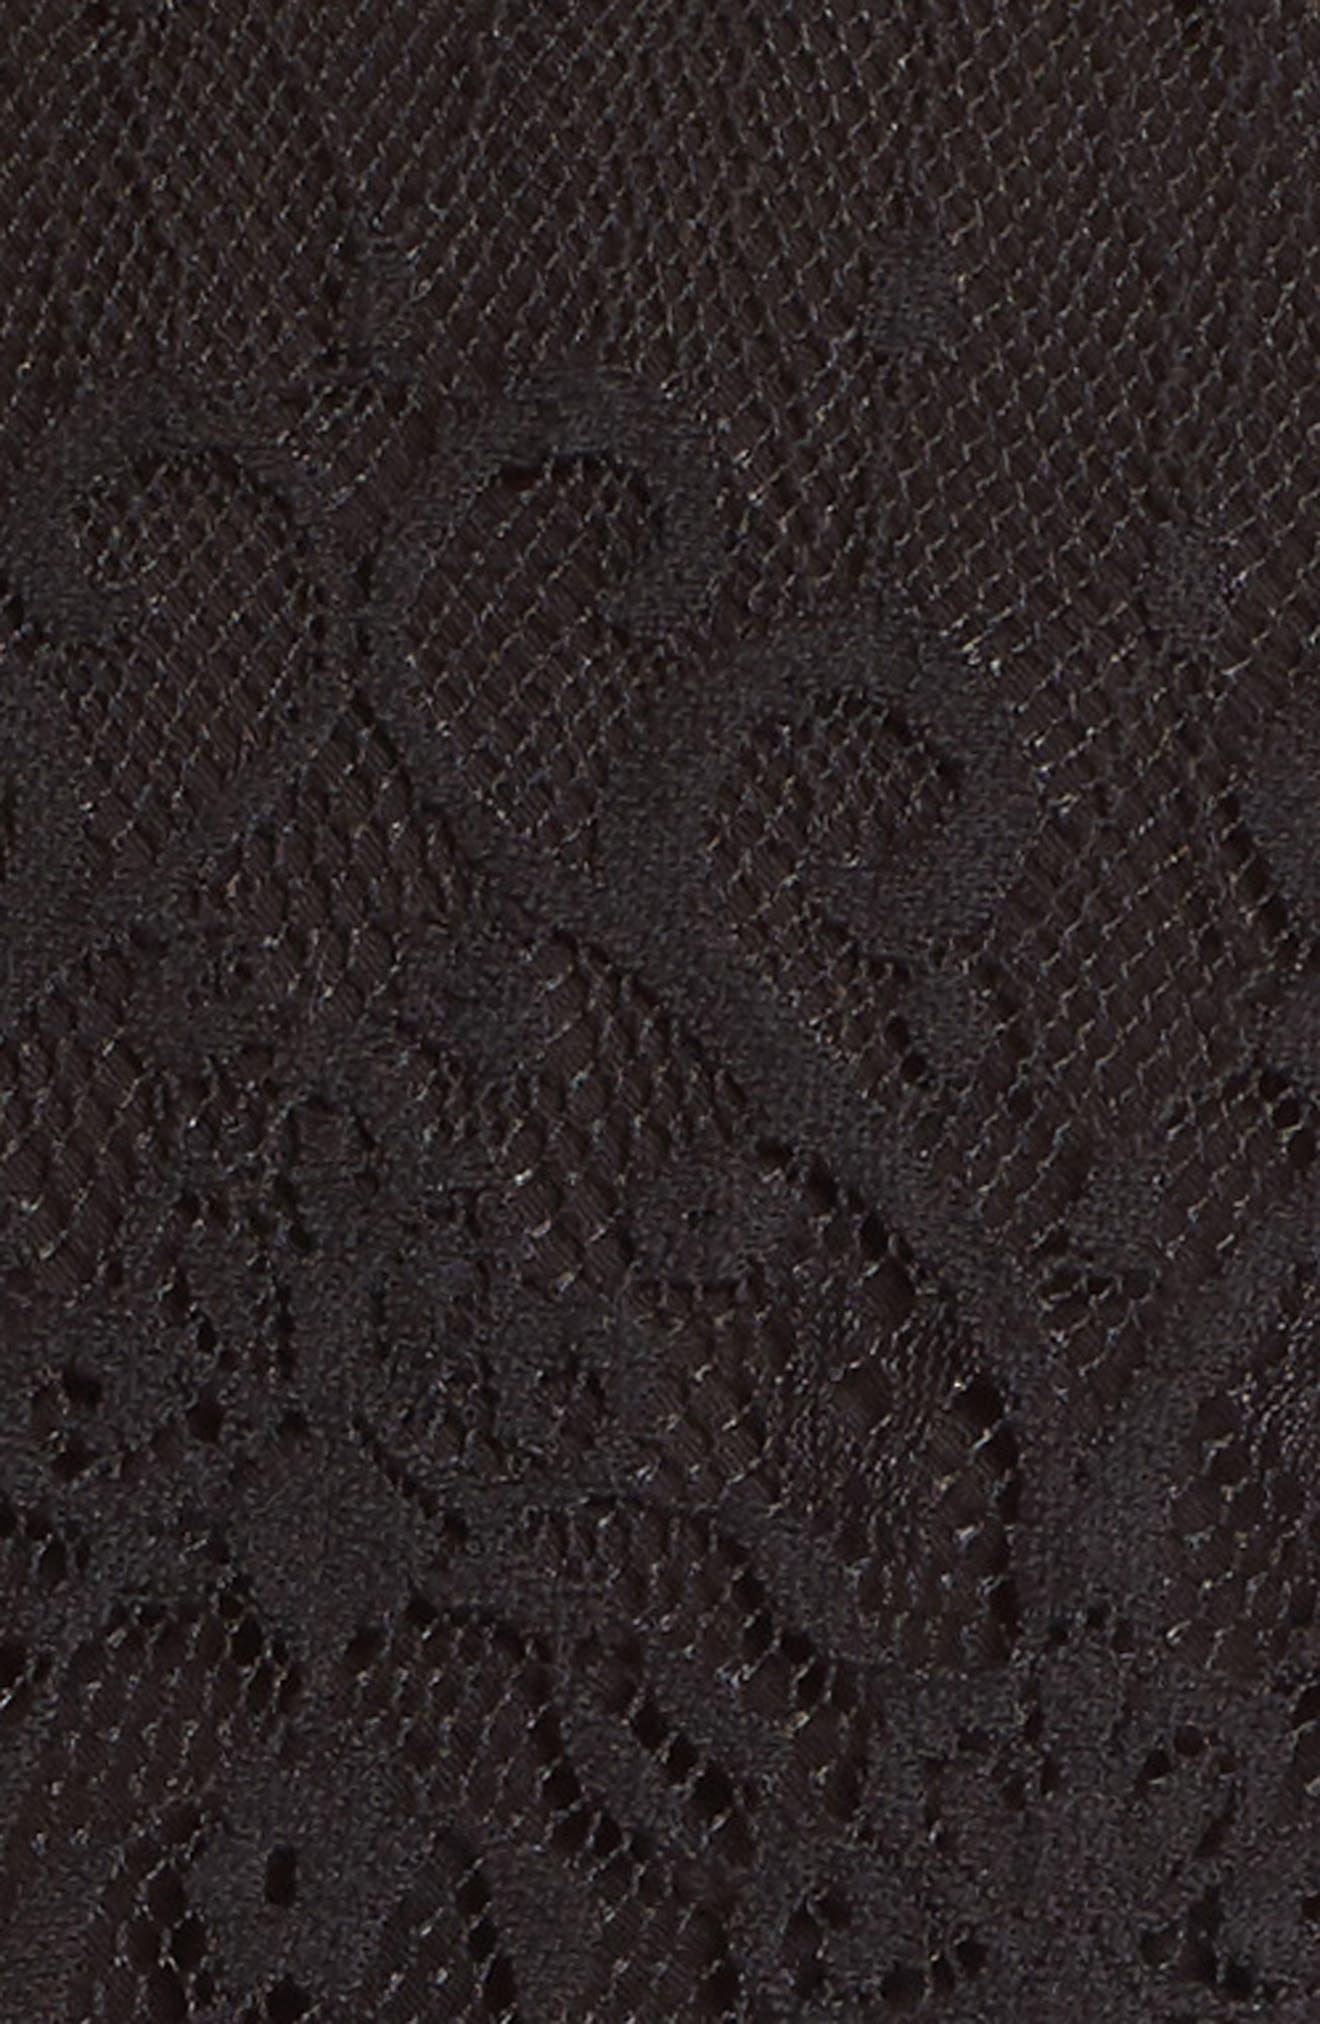 Lace Peplum Top,                             Alternate thumbnail 5, color,                             001